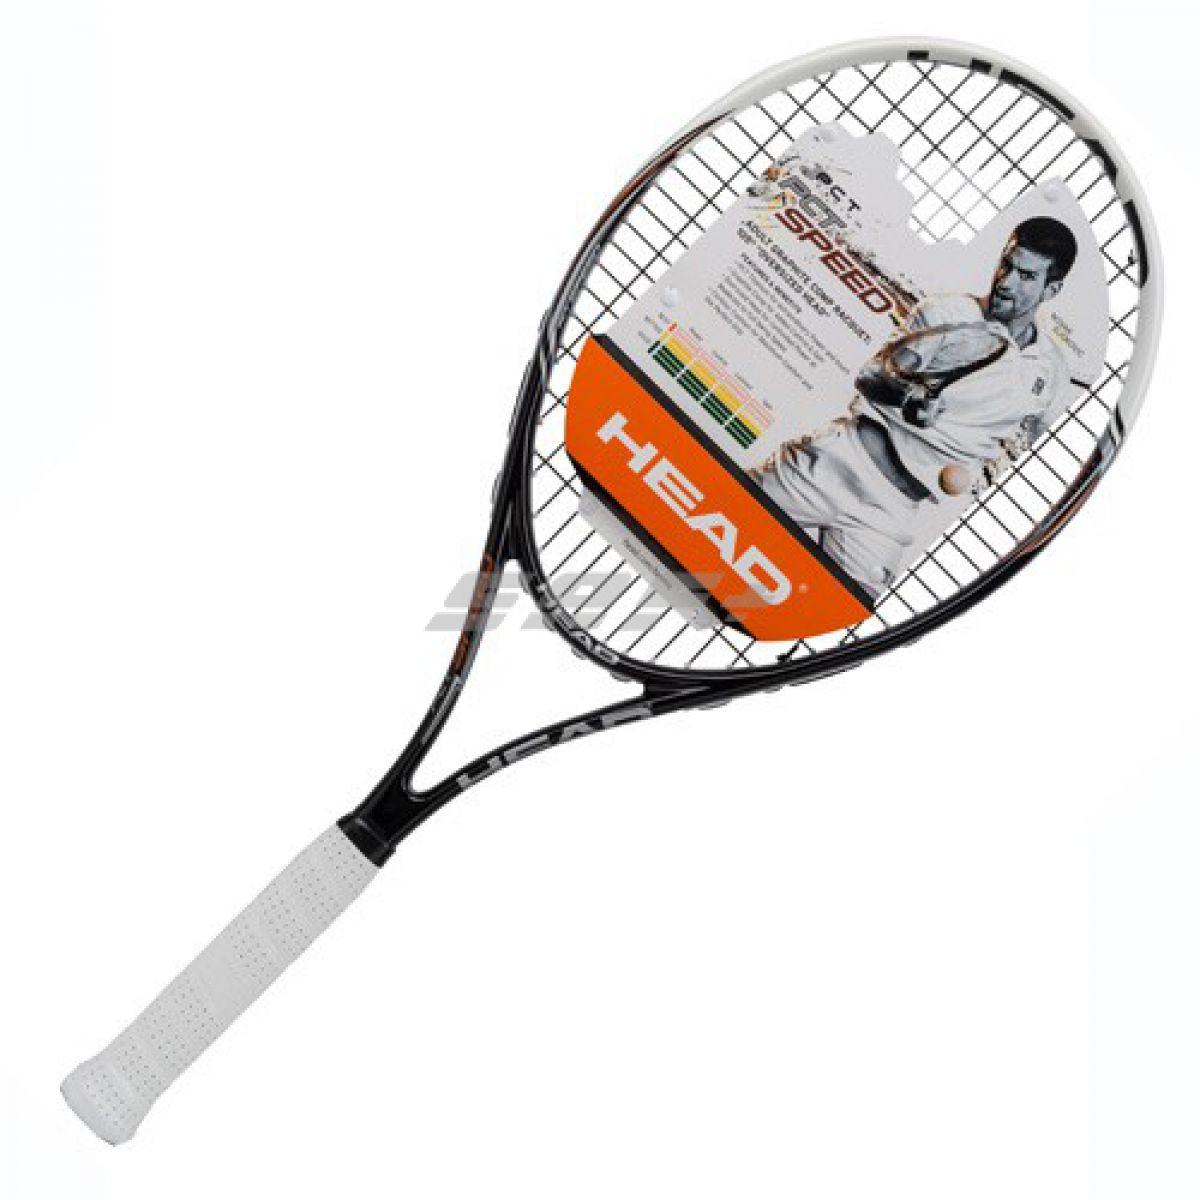 стала пороком ракетка для начинающих в большом теннисе никогда ходите дети